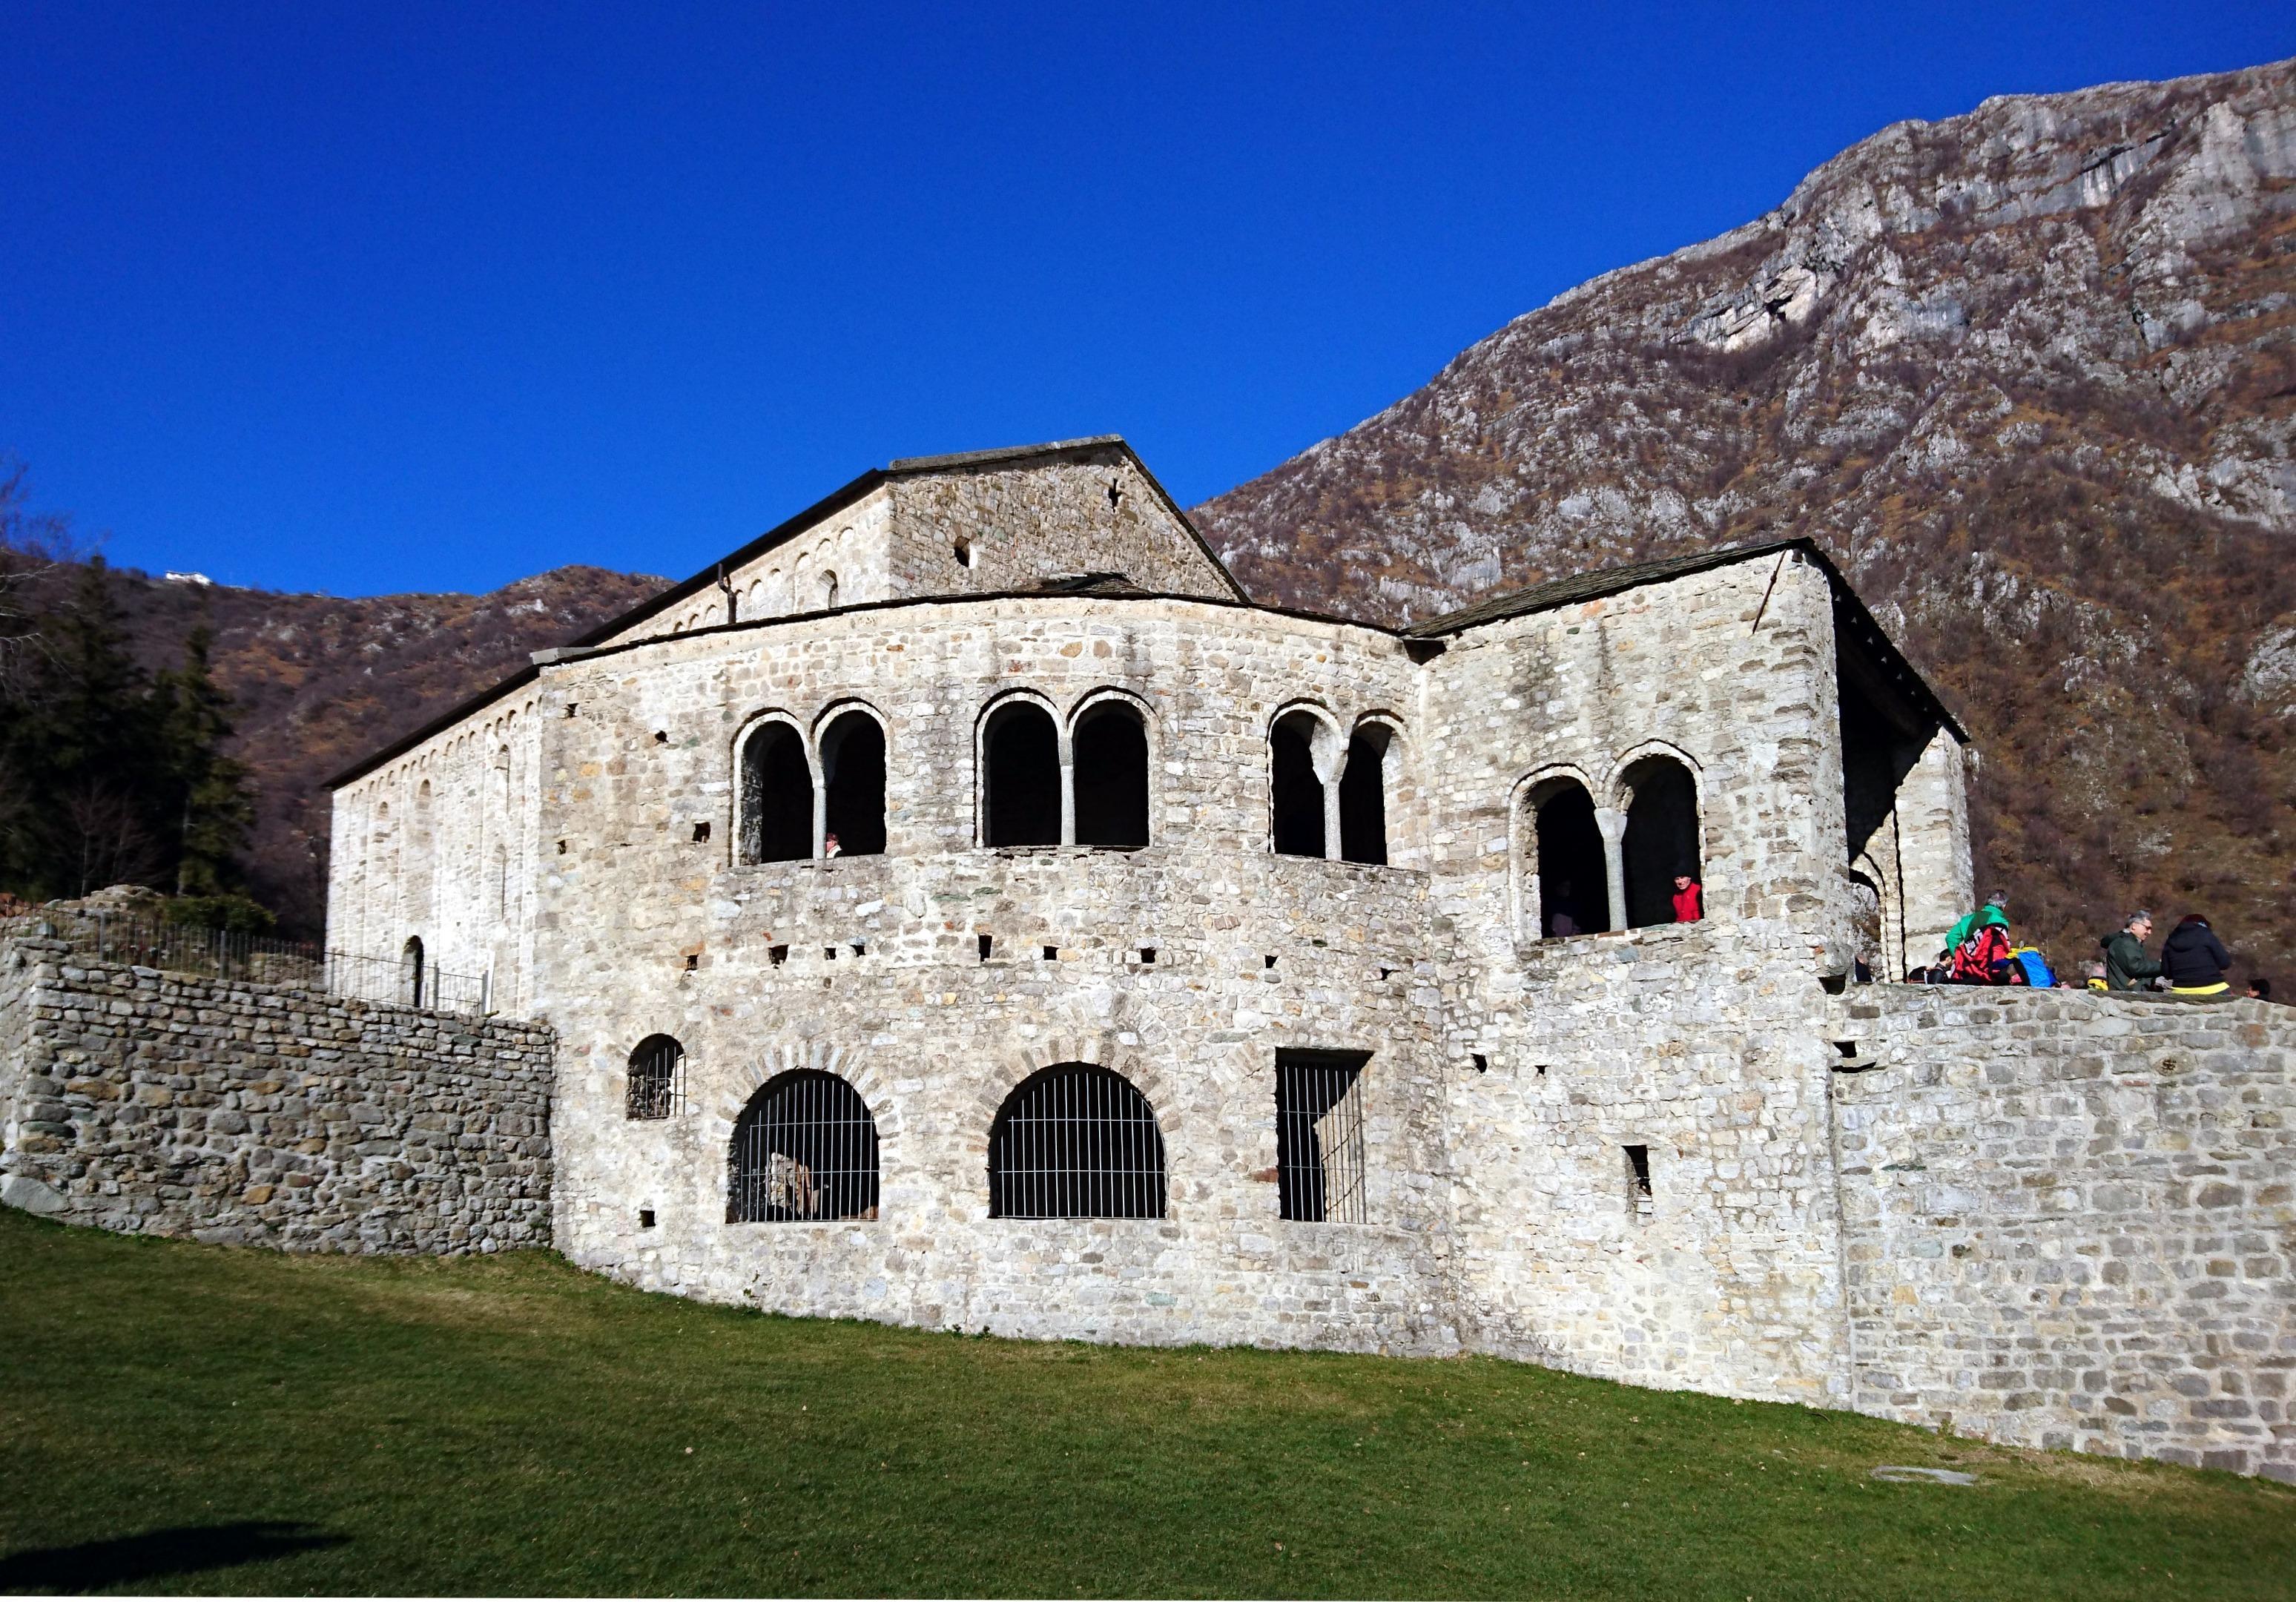 Un'ultima occhiata al monastero di San Pietro al Monte e poi riprendiamo la salita verso la cima e il rifugio